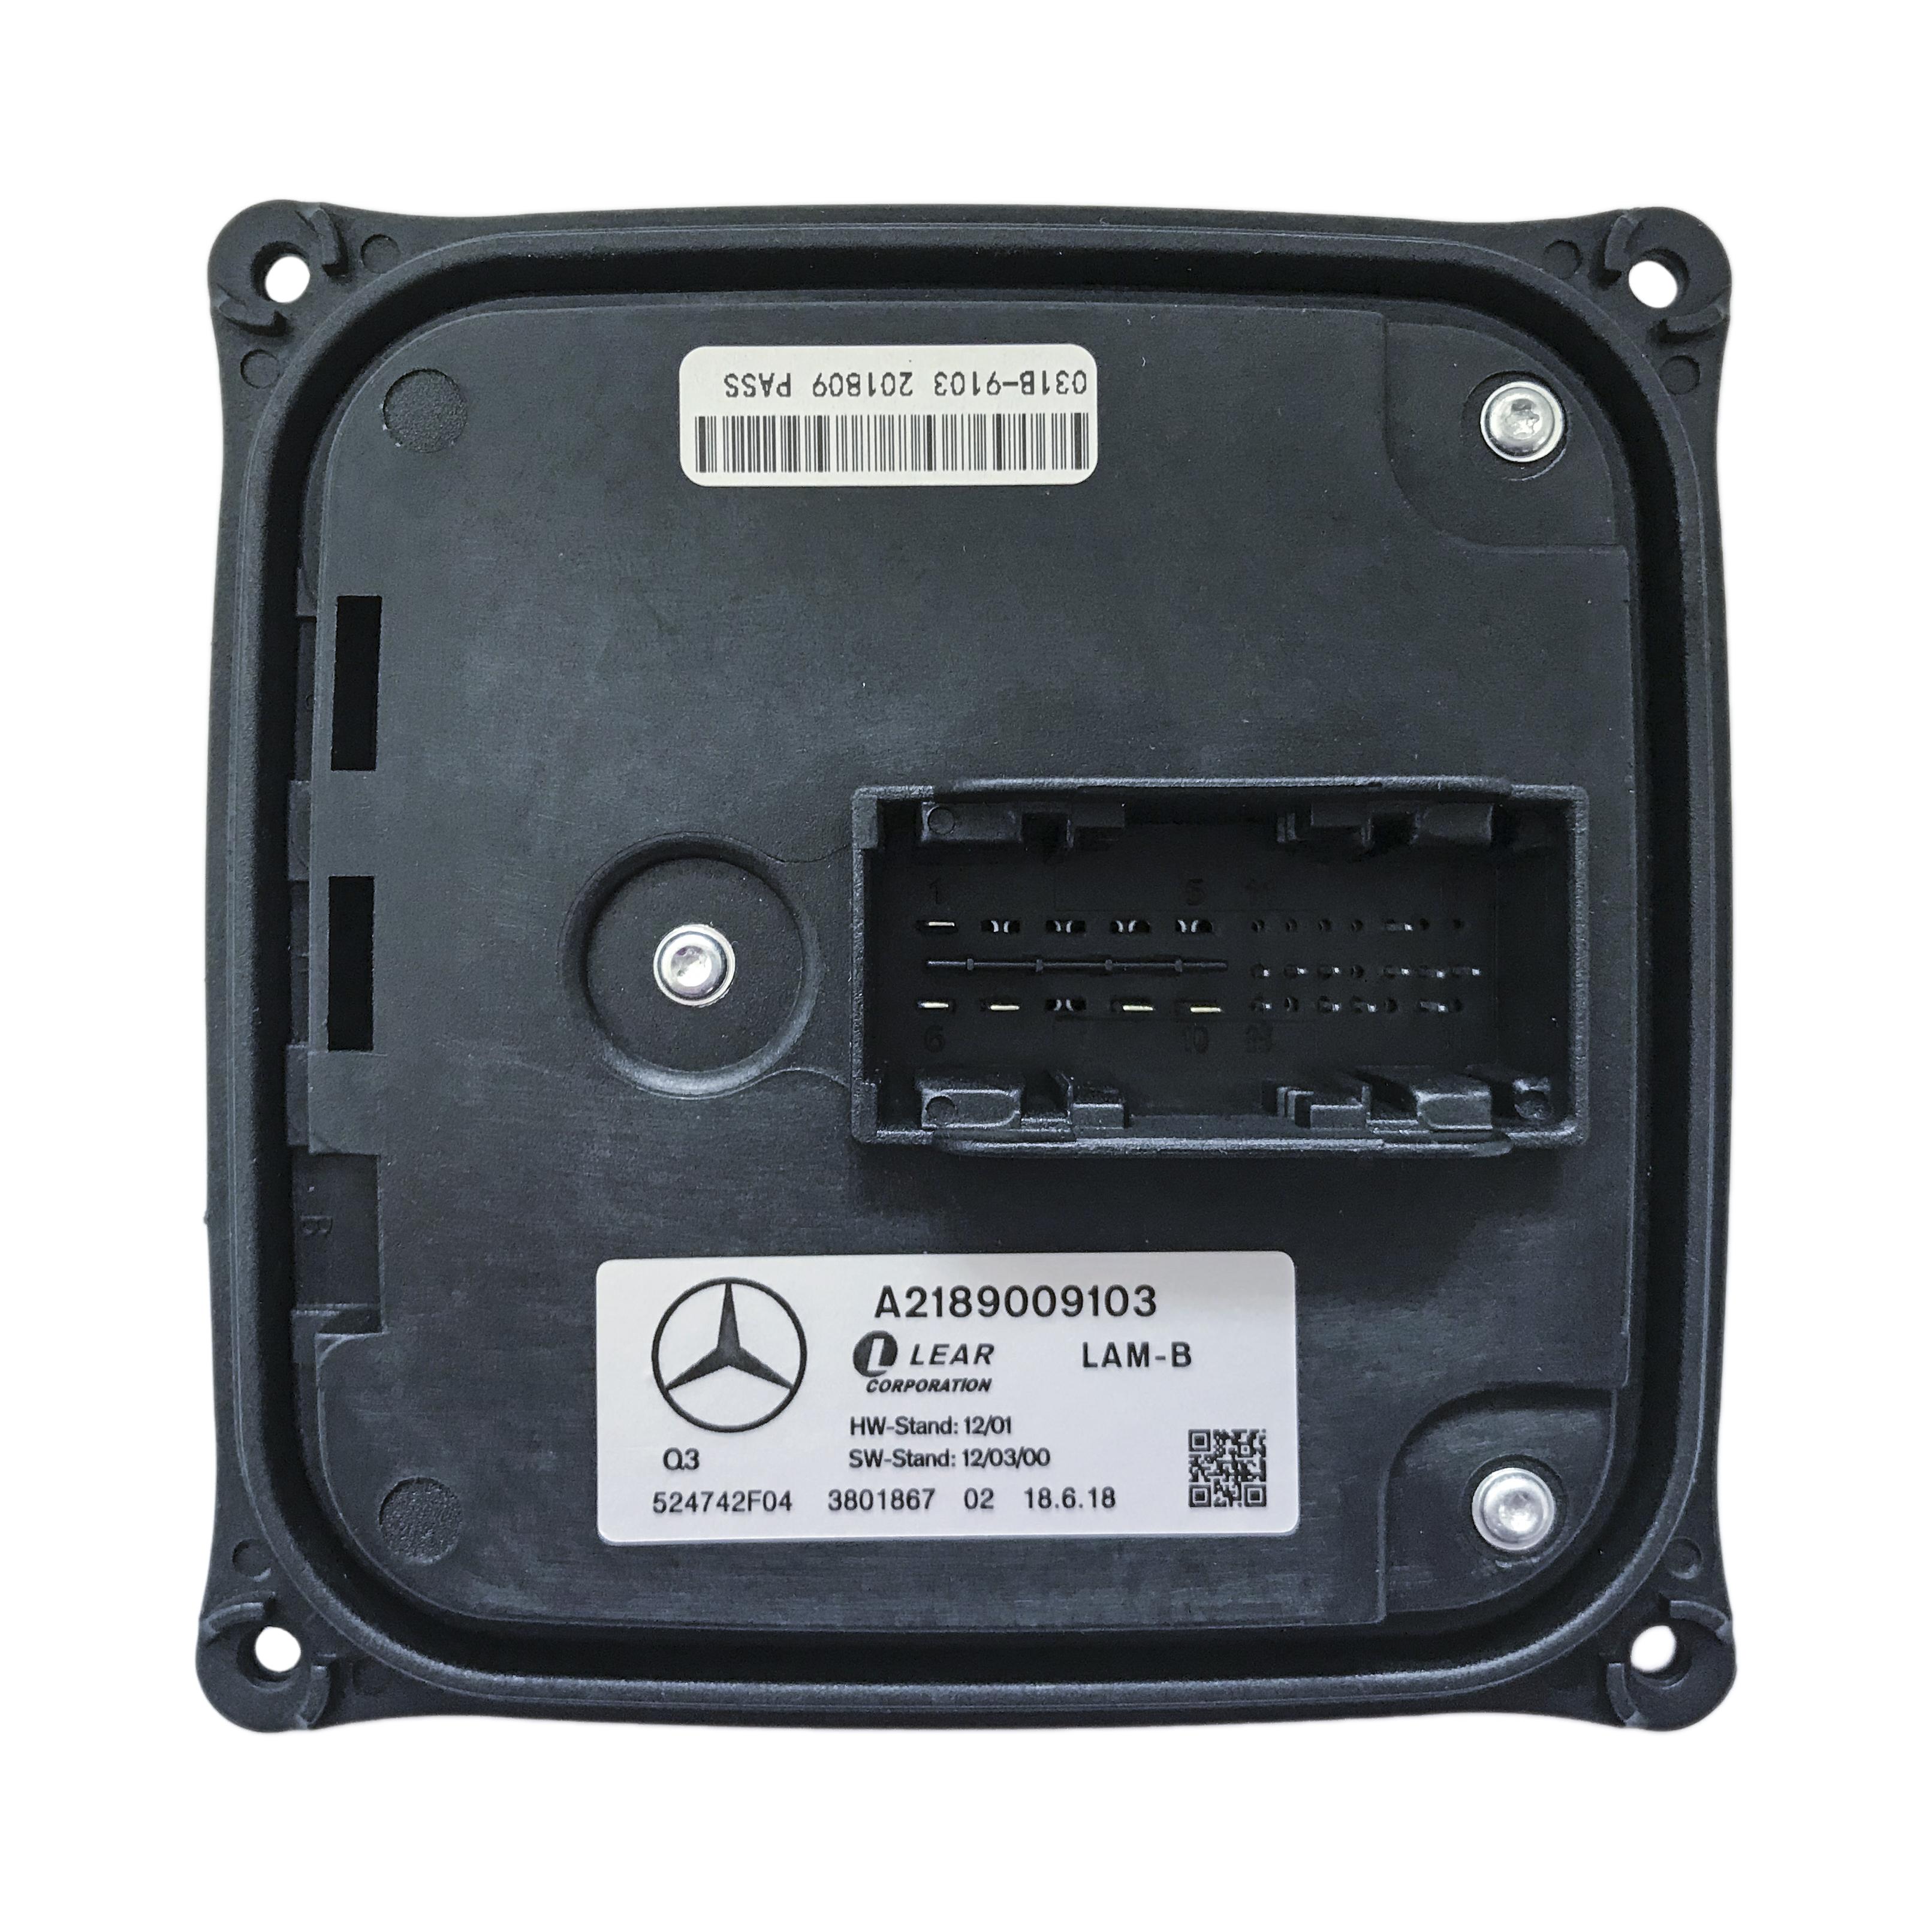 Mercedes Benz W204 Elektrisches Basismodul Original 2049067702 Hella